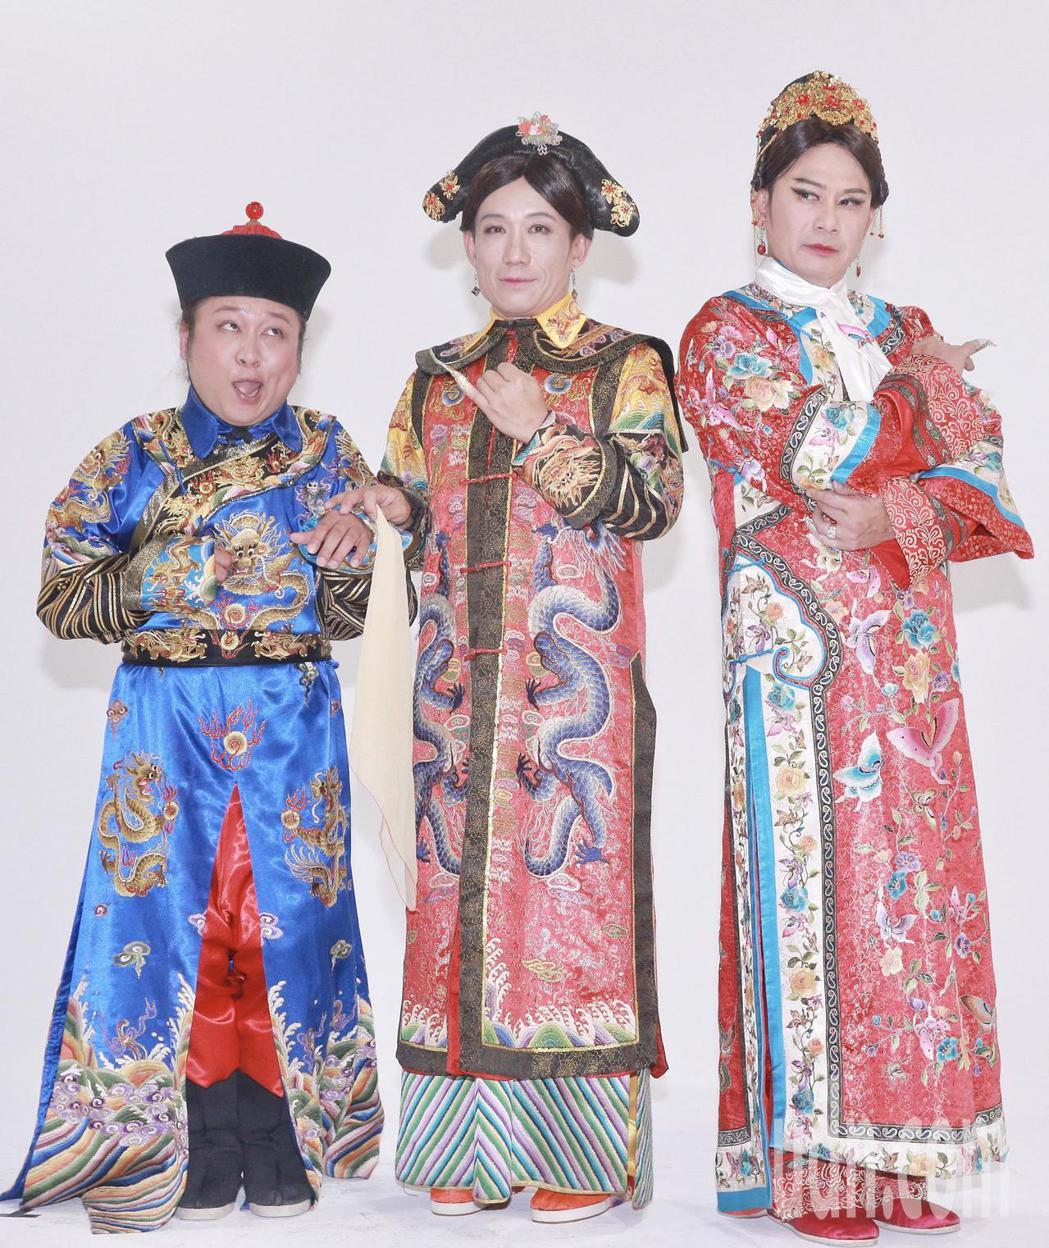 郭子乾(中)、洪都拉斯(右)、納豆為《悶鍋出任務》拍攝宣傳照,直接挑戰最夯宮鬥劇